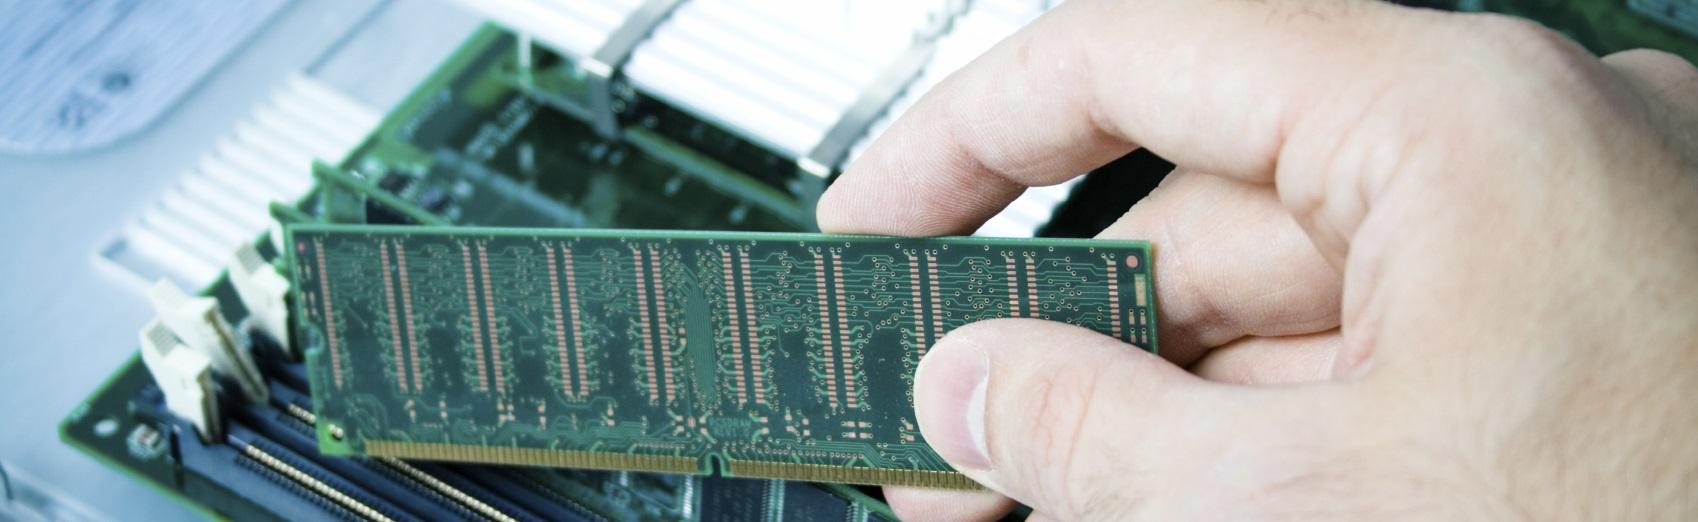 premium-hardware